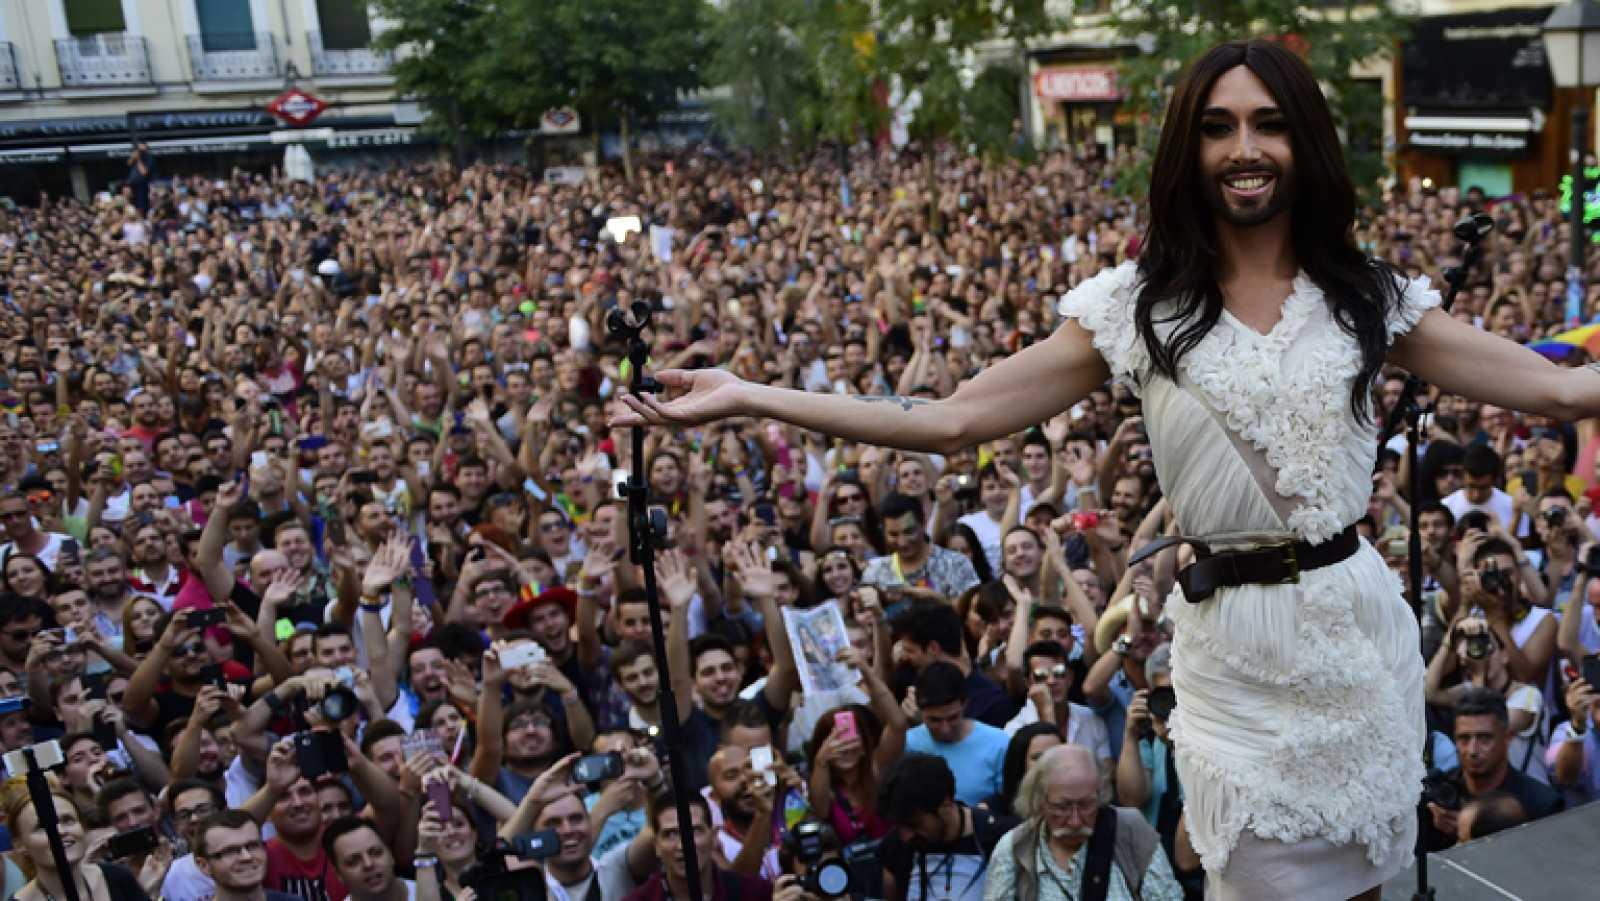 orgullo gay murcia 2019